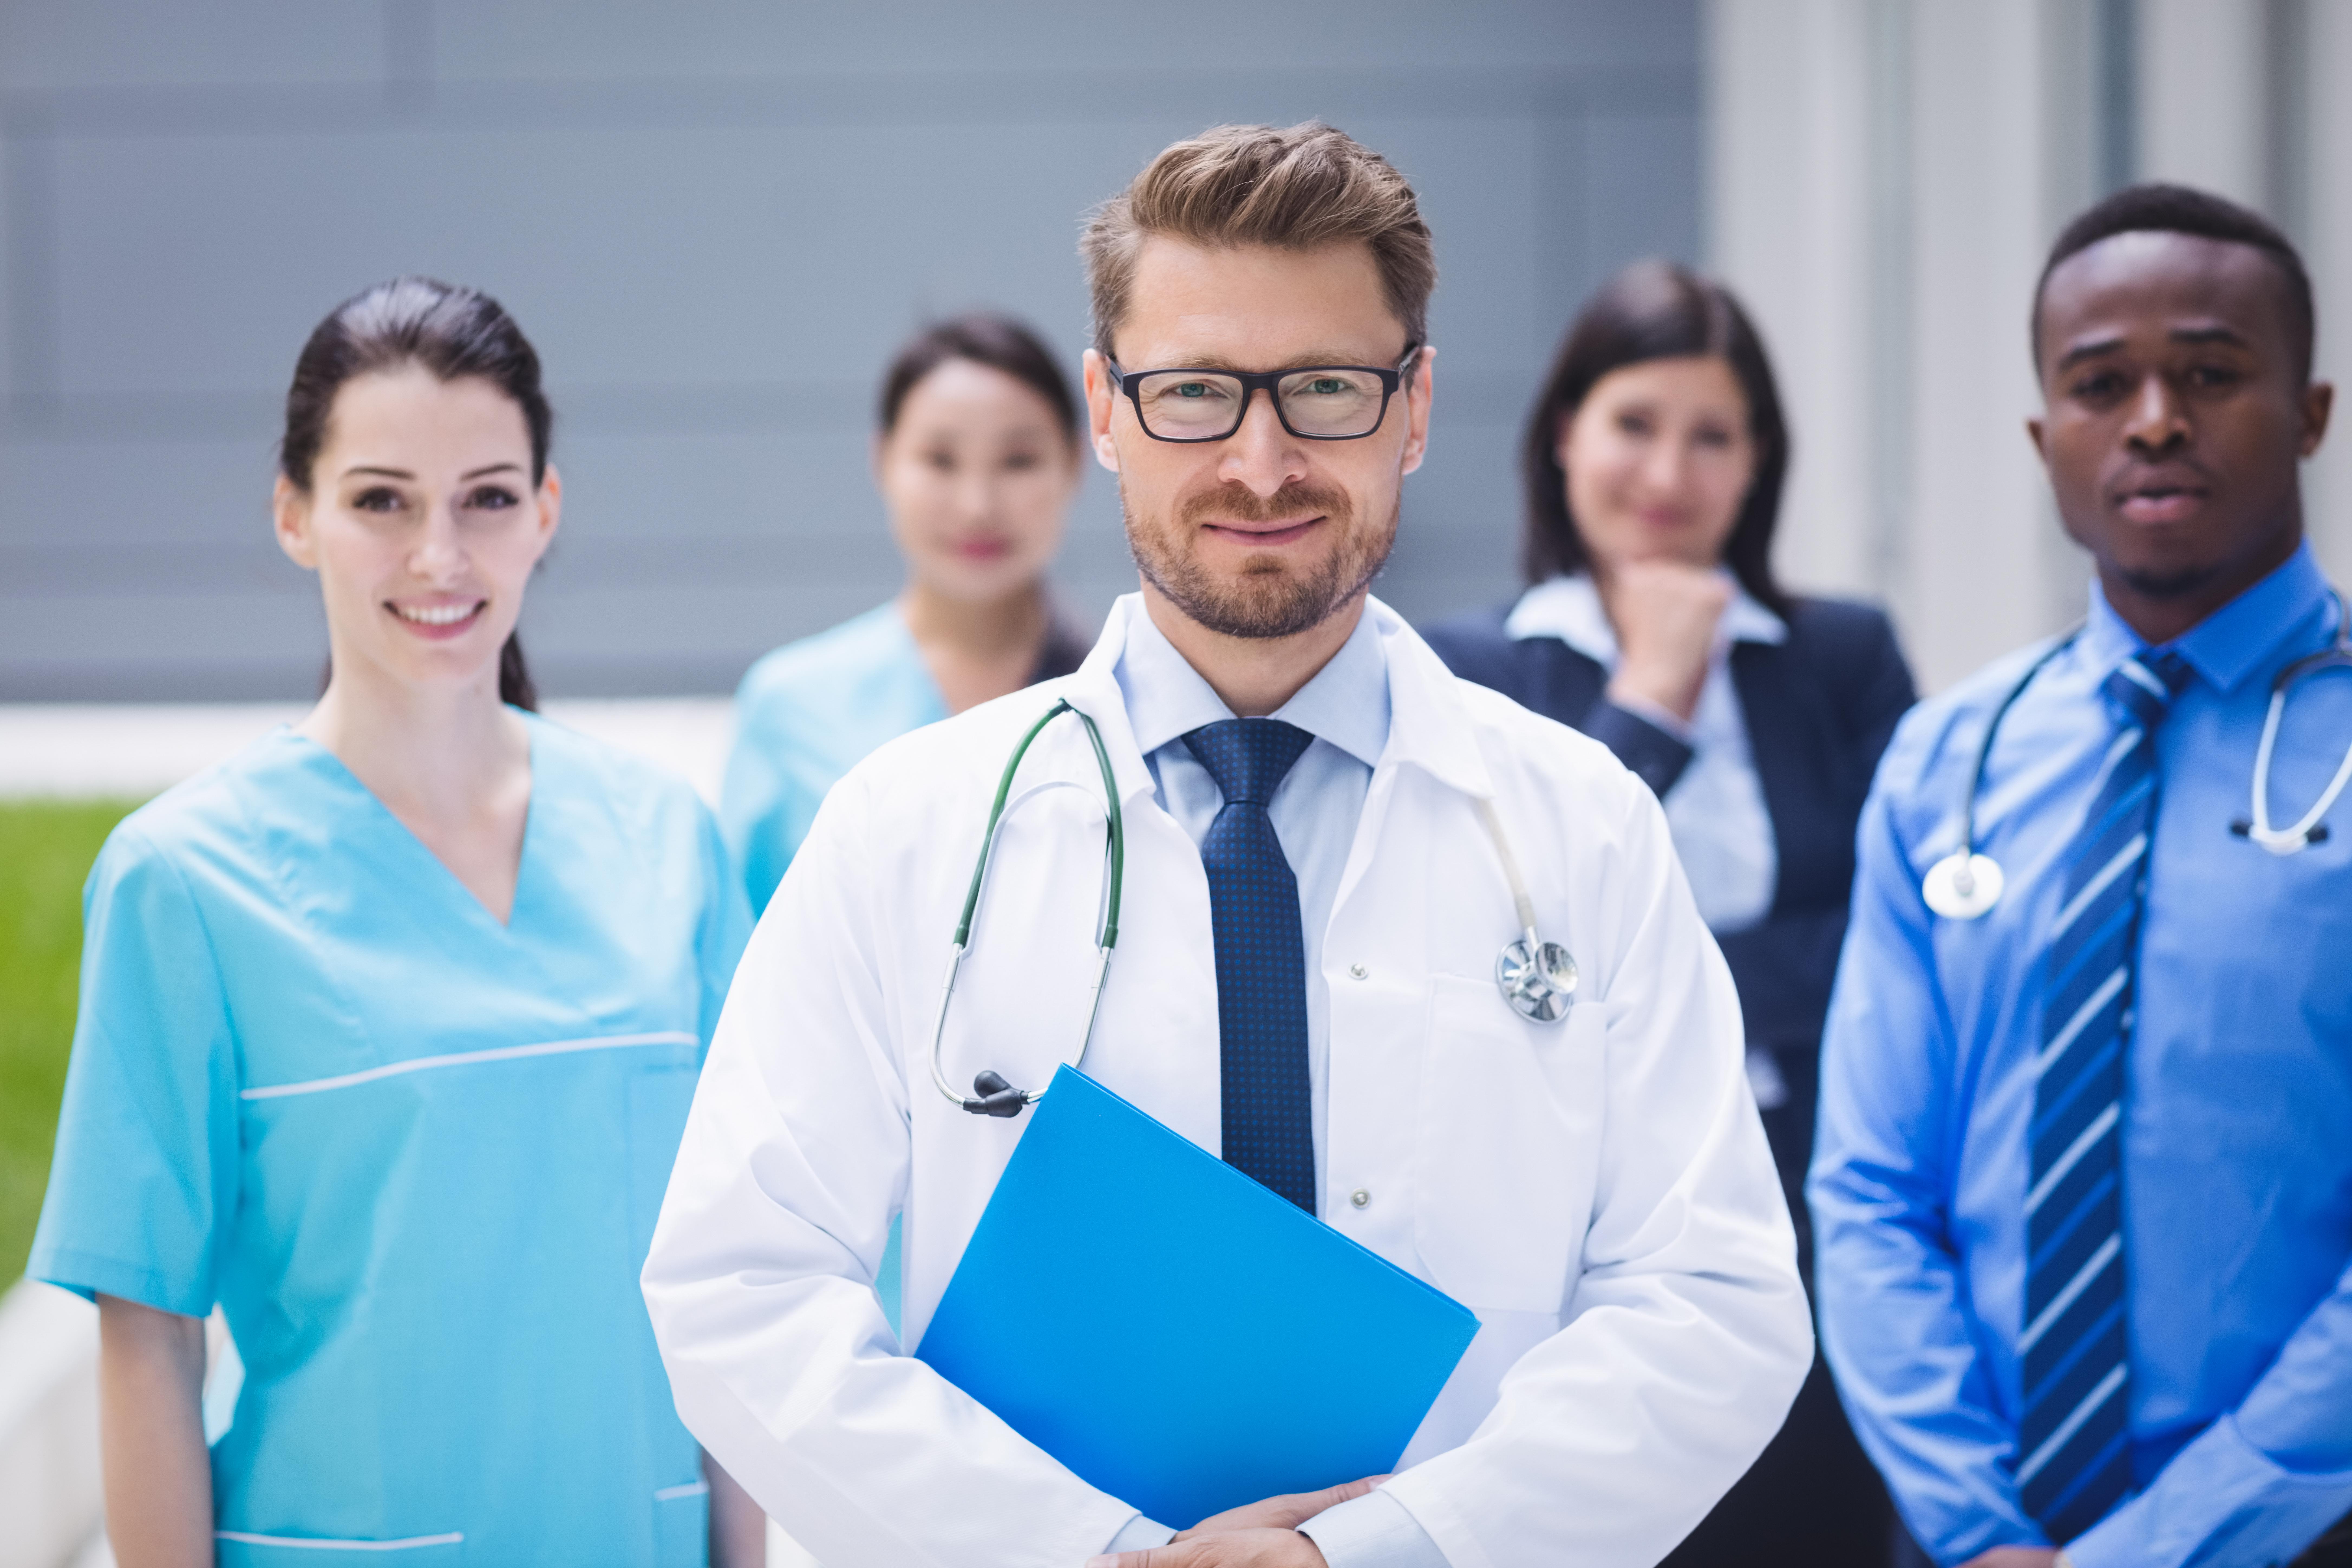 Motifworks-Team of doctors standing together hospital premises